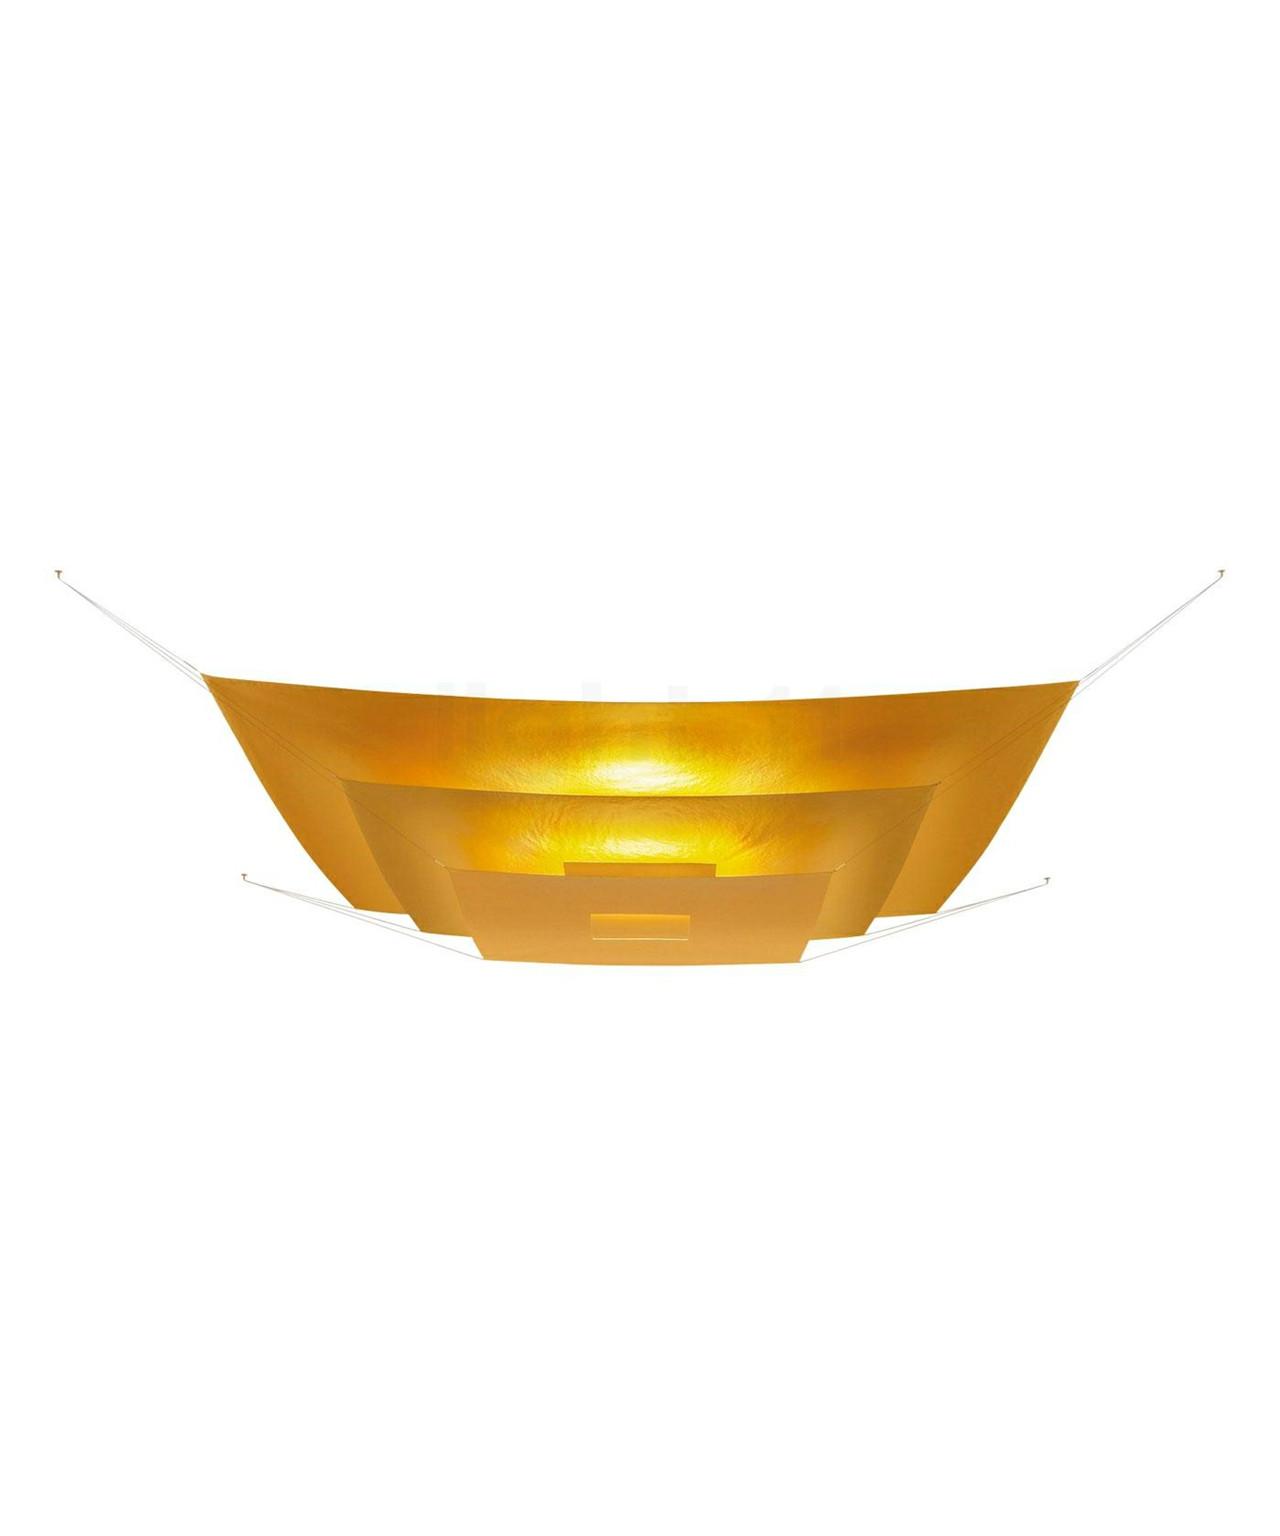 DesignIngo Maurer & Team for Ingo Maurer  Koncept Luxury Pure Guld Loftlampen er en anderledes lampe, der spreder et behageligt lys og skaber en ?dæmpet? atmosfære.  De tre stykker papir er Guld, Sølv eller Hvidlakerede og alt efter overflade spredes forskelligt lys. Der emmer et varmt og gyldent lys ud fra Guld versionen, mens Sølv og Hvid giver et mere neutralt lys.  Når de fire wires i hjørnerne er spændt ud er målene oppe på 200 x 200 cm, samt en højde på 26 cm, så det kræver et stort loft, når Lil Luxury loftslampen skal udfolde sig og komme til sin ret. Der er kommet nye versioner med lavenergi LED paneler, så de gamle R7s udgaver er nu faset ud. Disse lamper skal specialbestilles da de produceres i begrænsede serier så forvent en leveringstid på 4 til 5 uger.